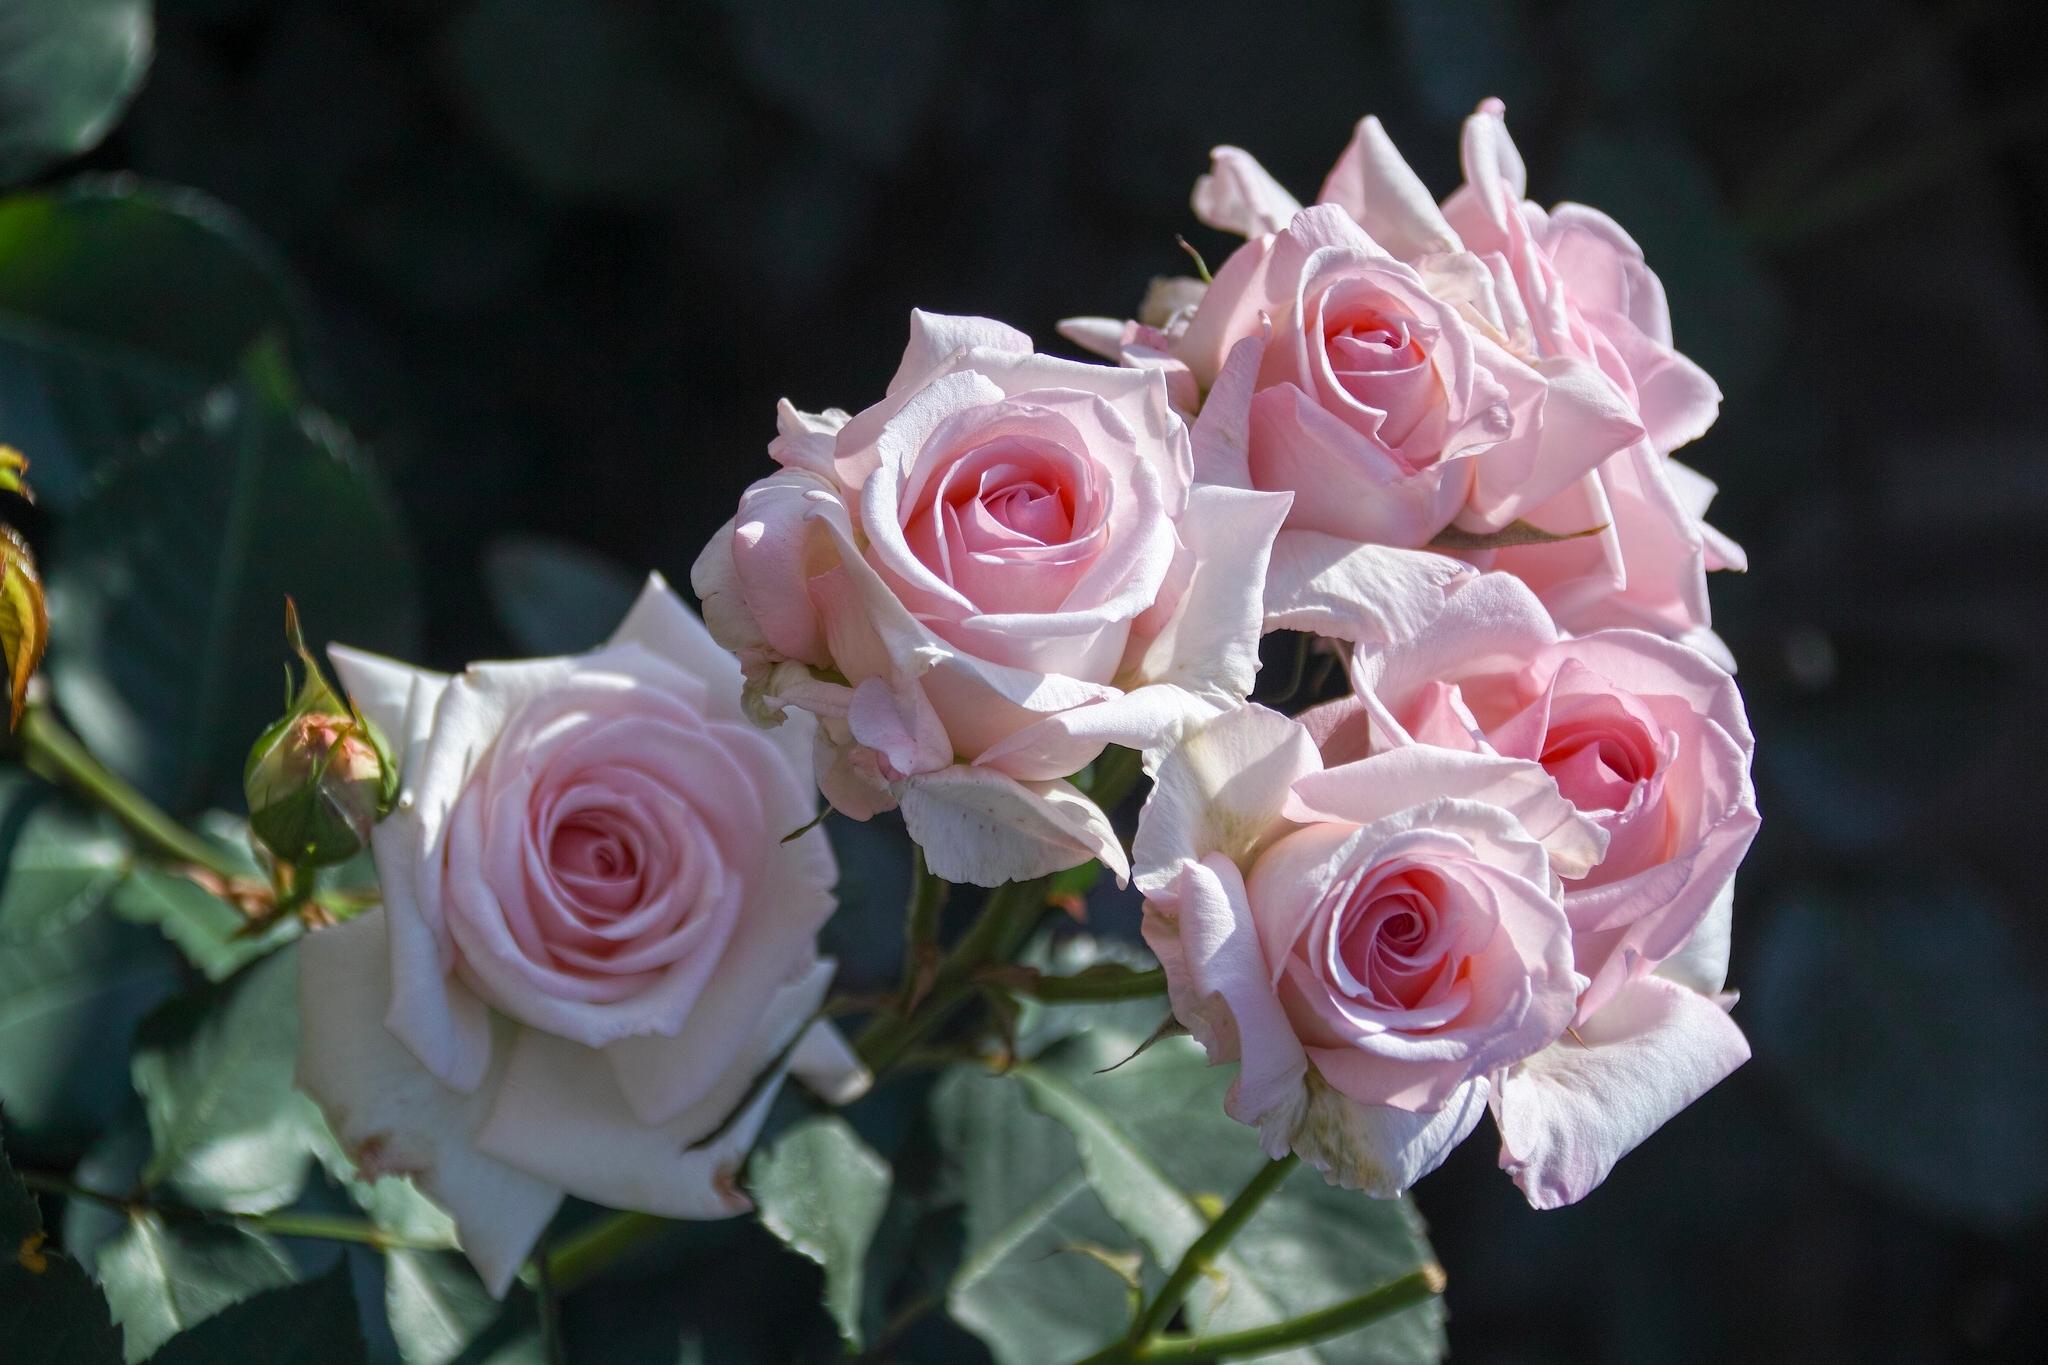 милава розы цветы фото большие большого разрешения это